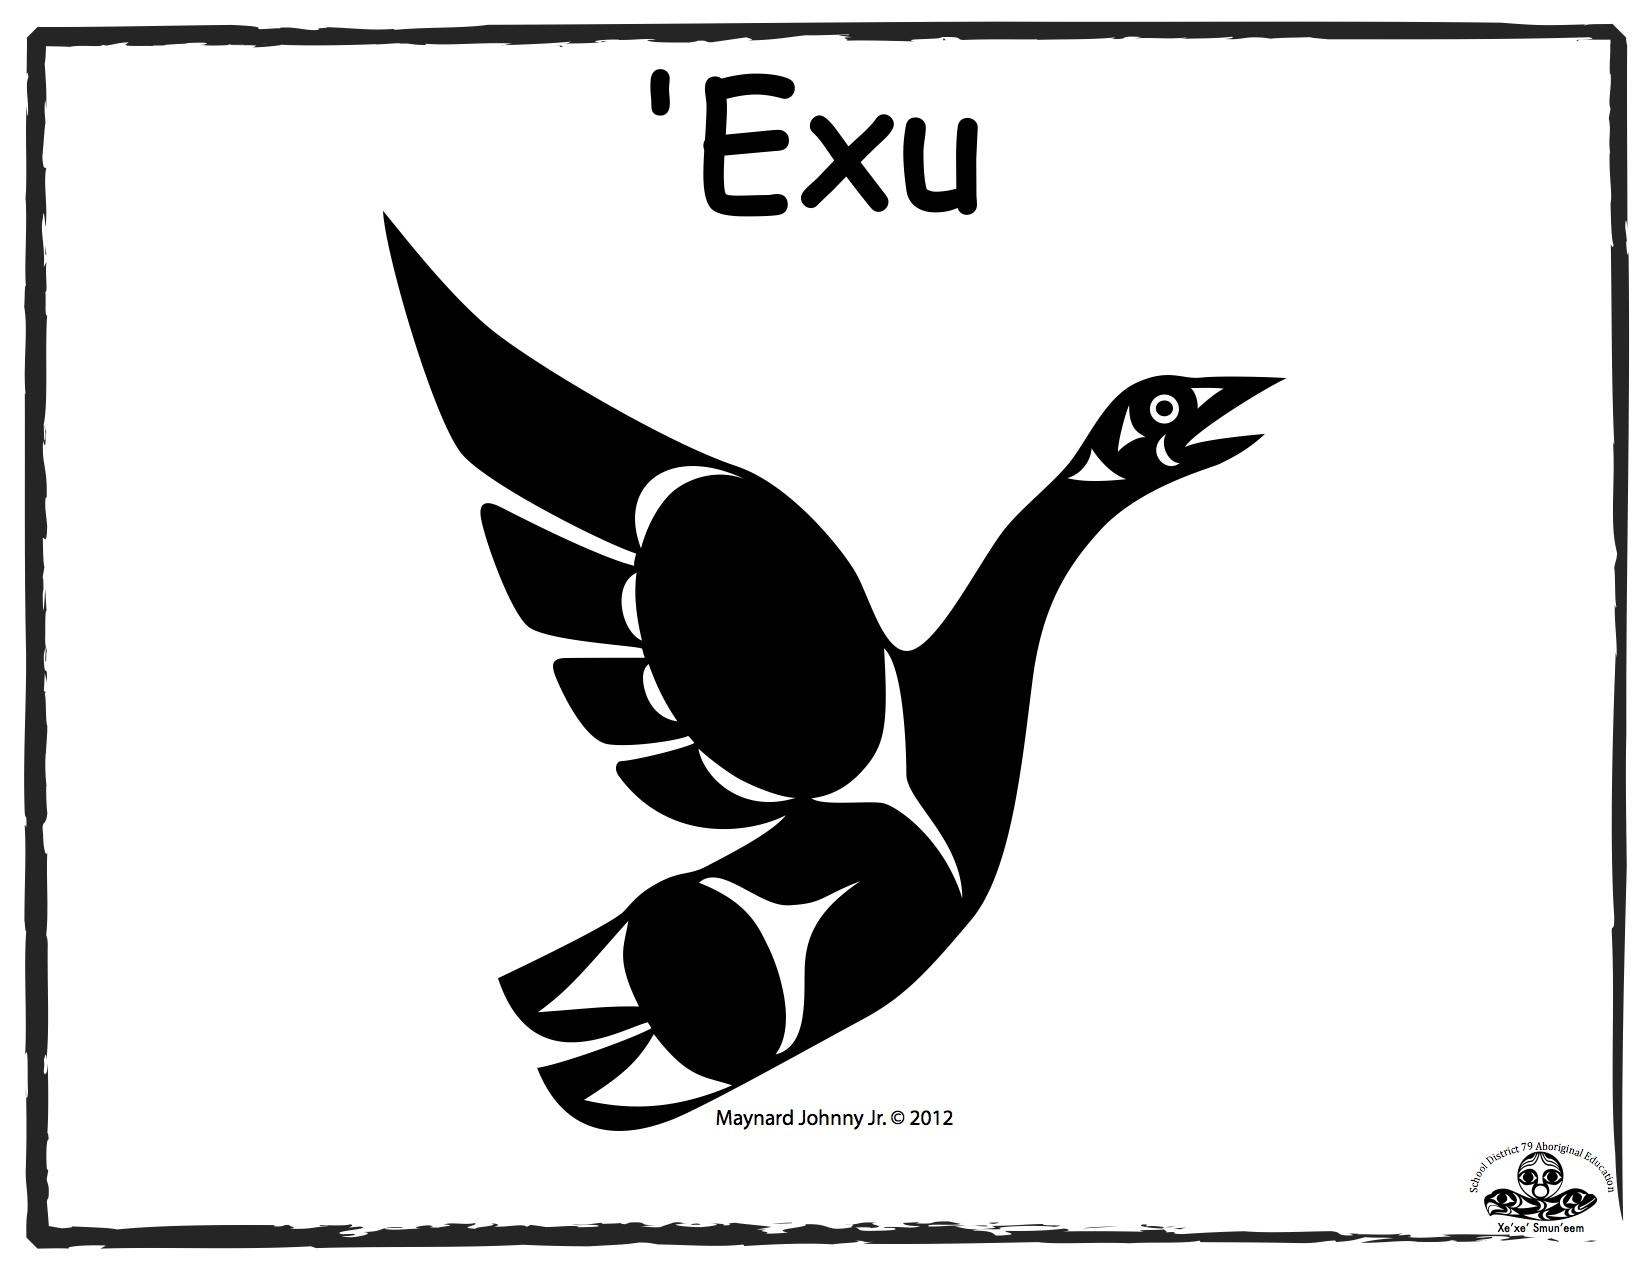 goose-exu-basic